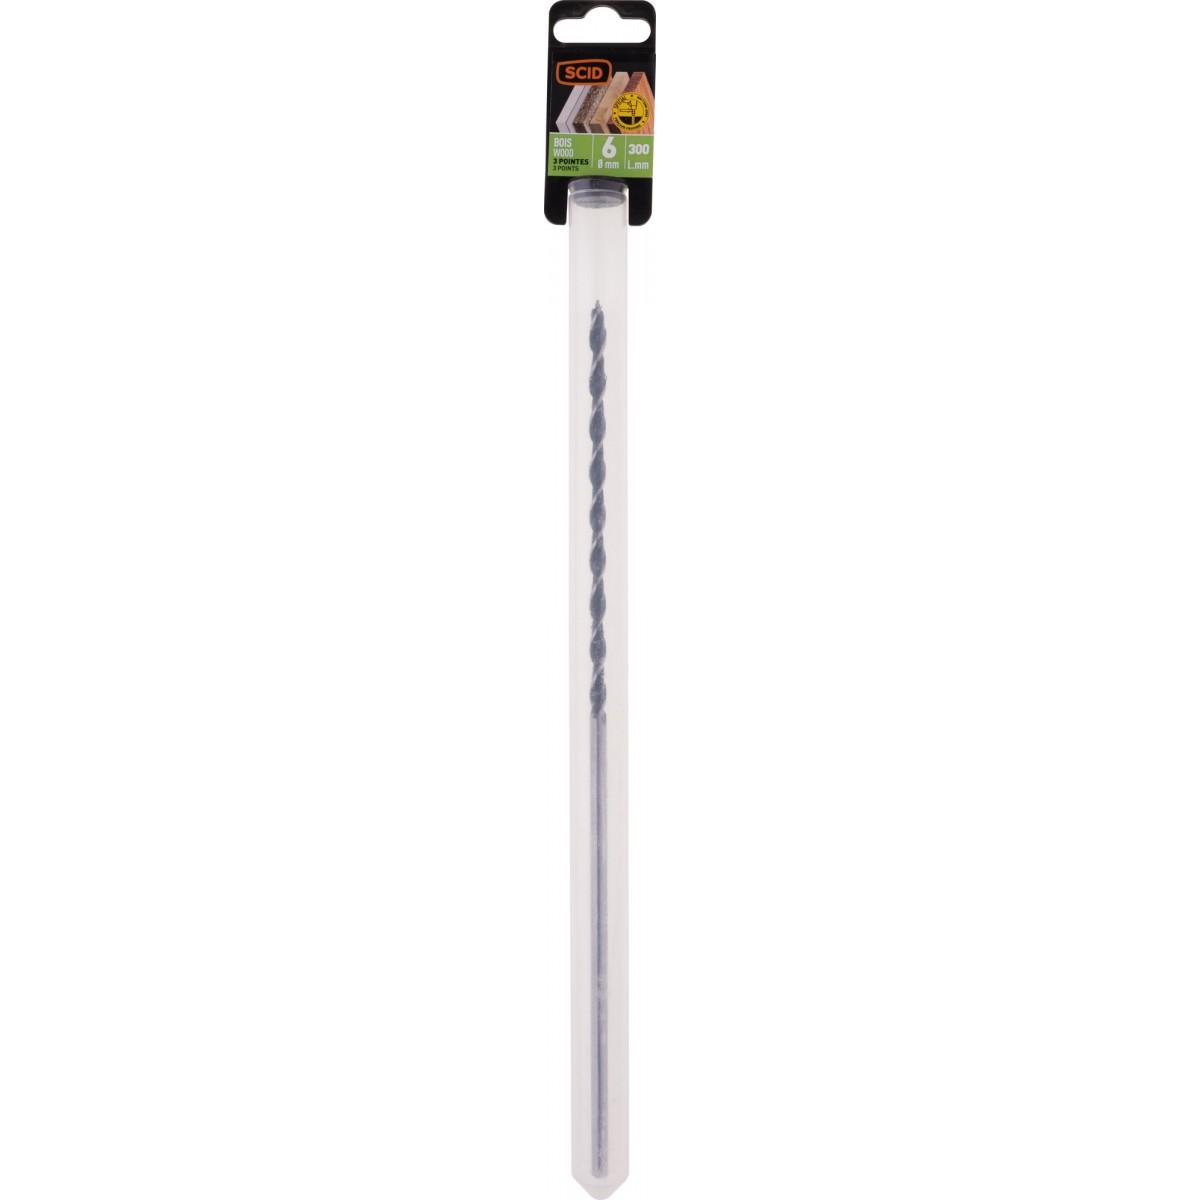 Mèche à bois 3 pointes SCID - Longueur 300 mm - Diamètre 6 mm